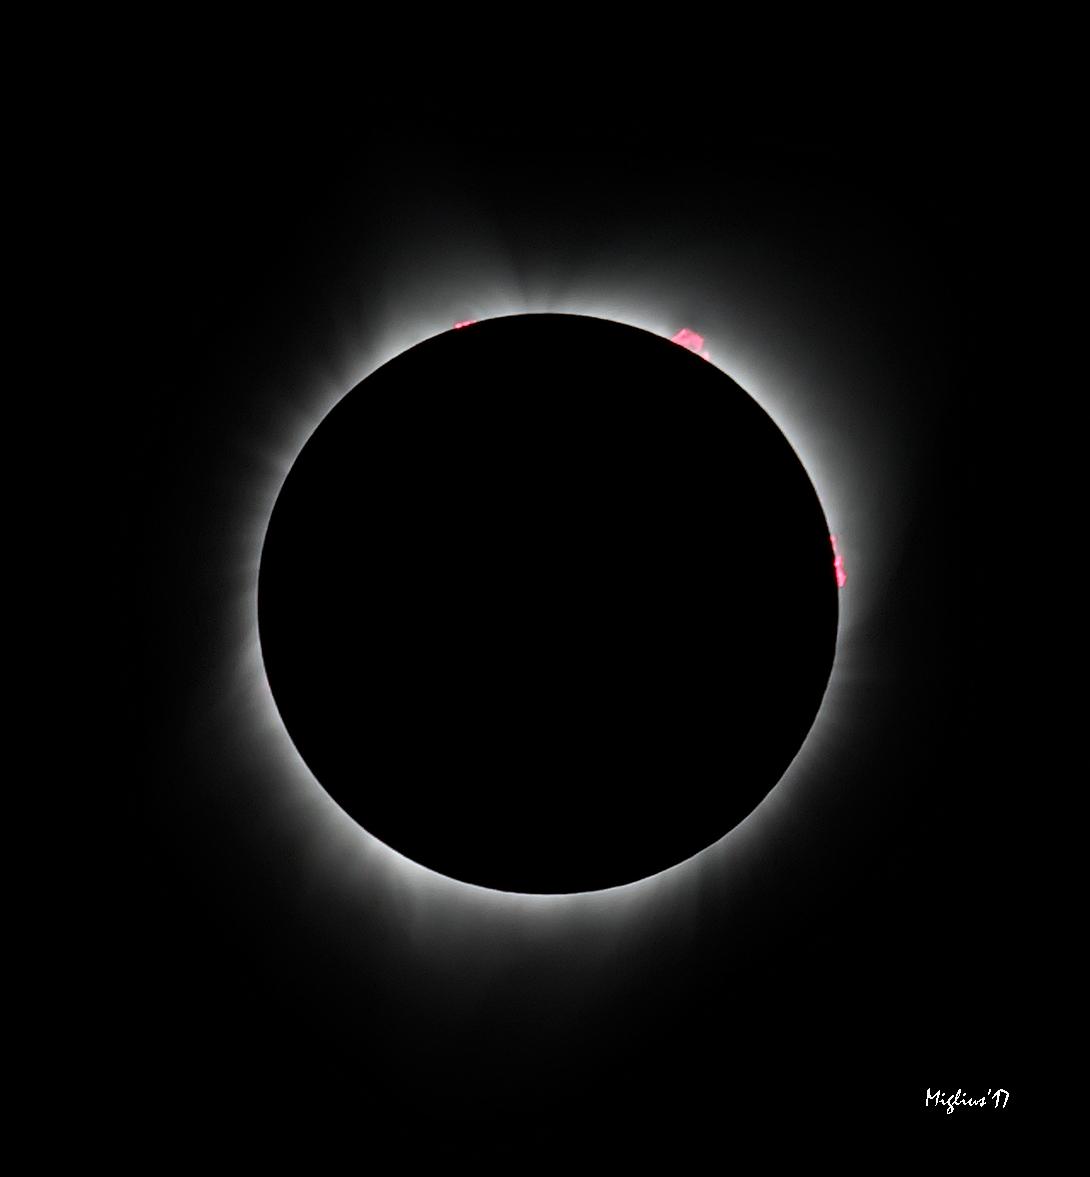 20170821_eclissi_protuberanze-8P2A9812_MarcoMigliardi